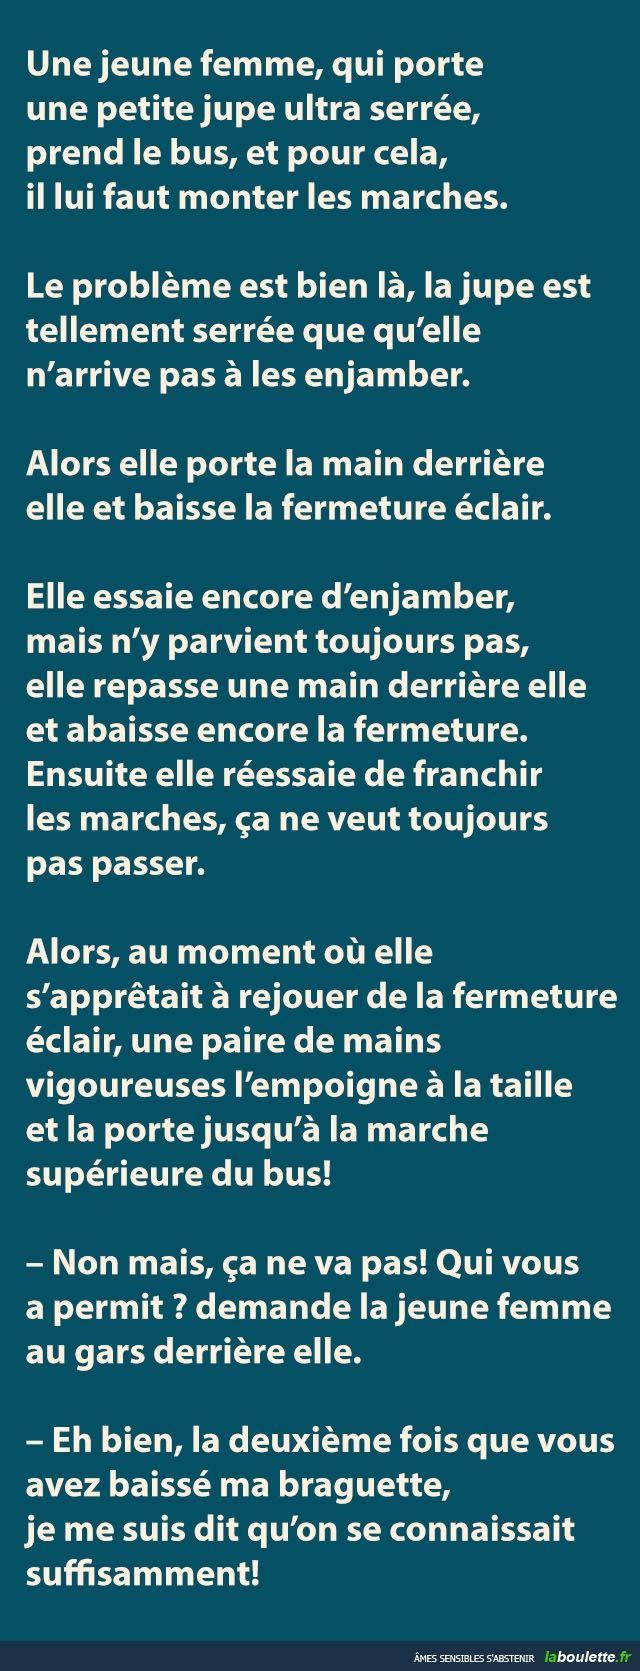 Une jeune femme, qui porte une petite jupe ultra serrée... | LABOULETTE.fr - Les meilleures images du net!